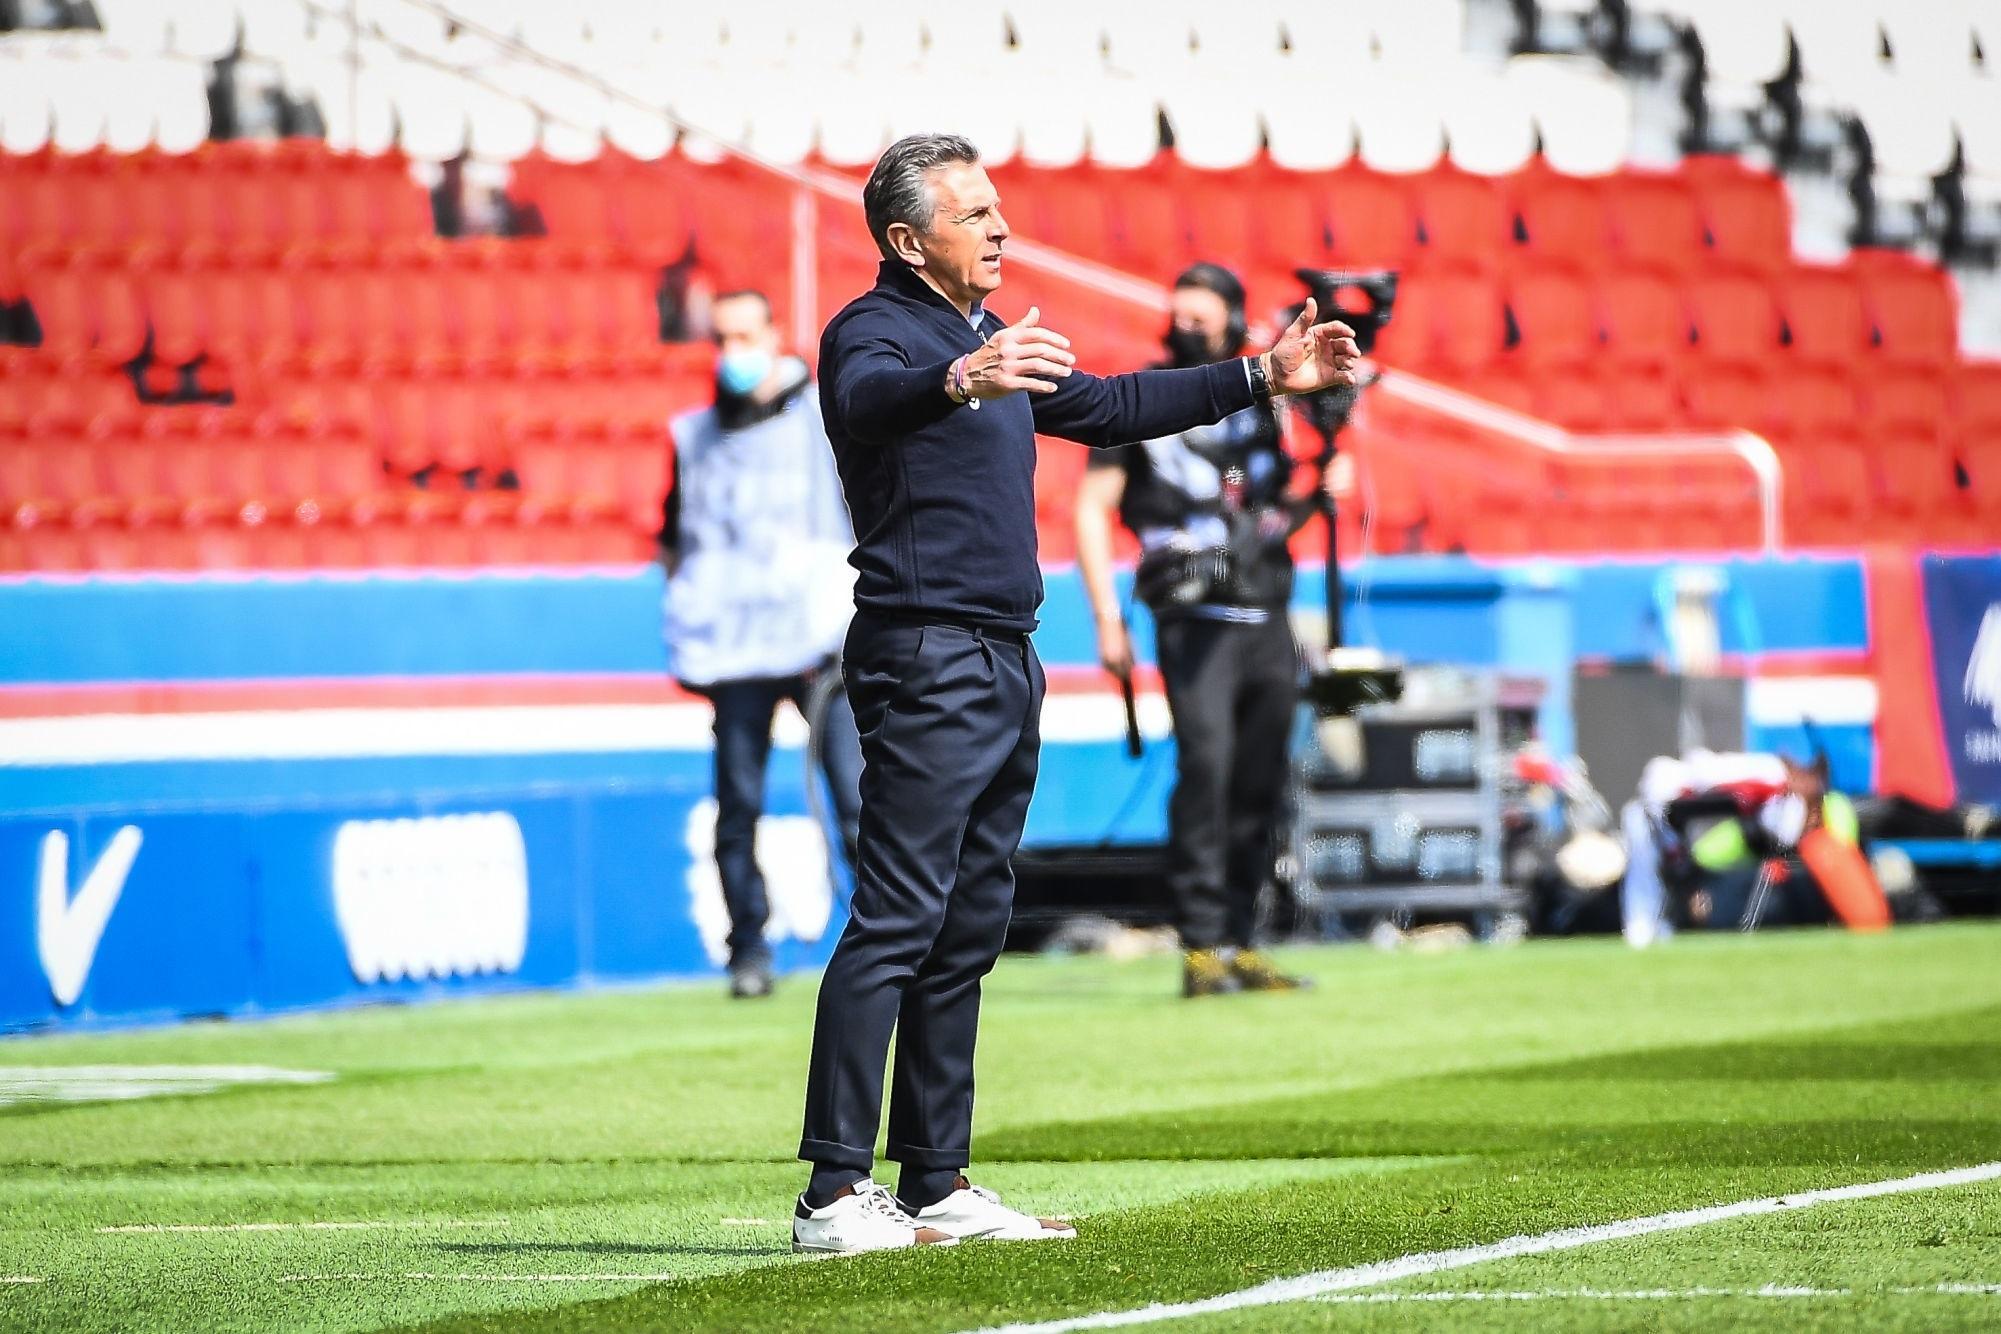 """PSG/Saint-Etienne - Puel """"avec un peu plus de métier on pouvait ramener au moins un point."""""""